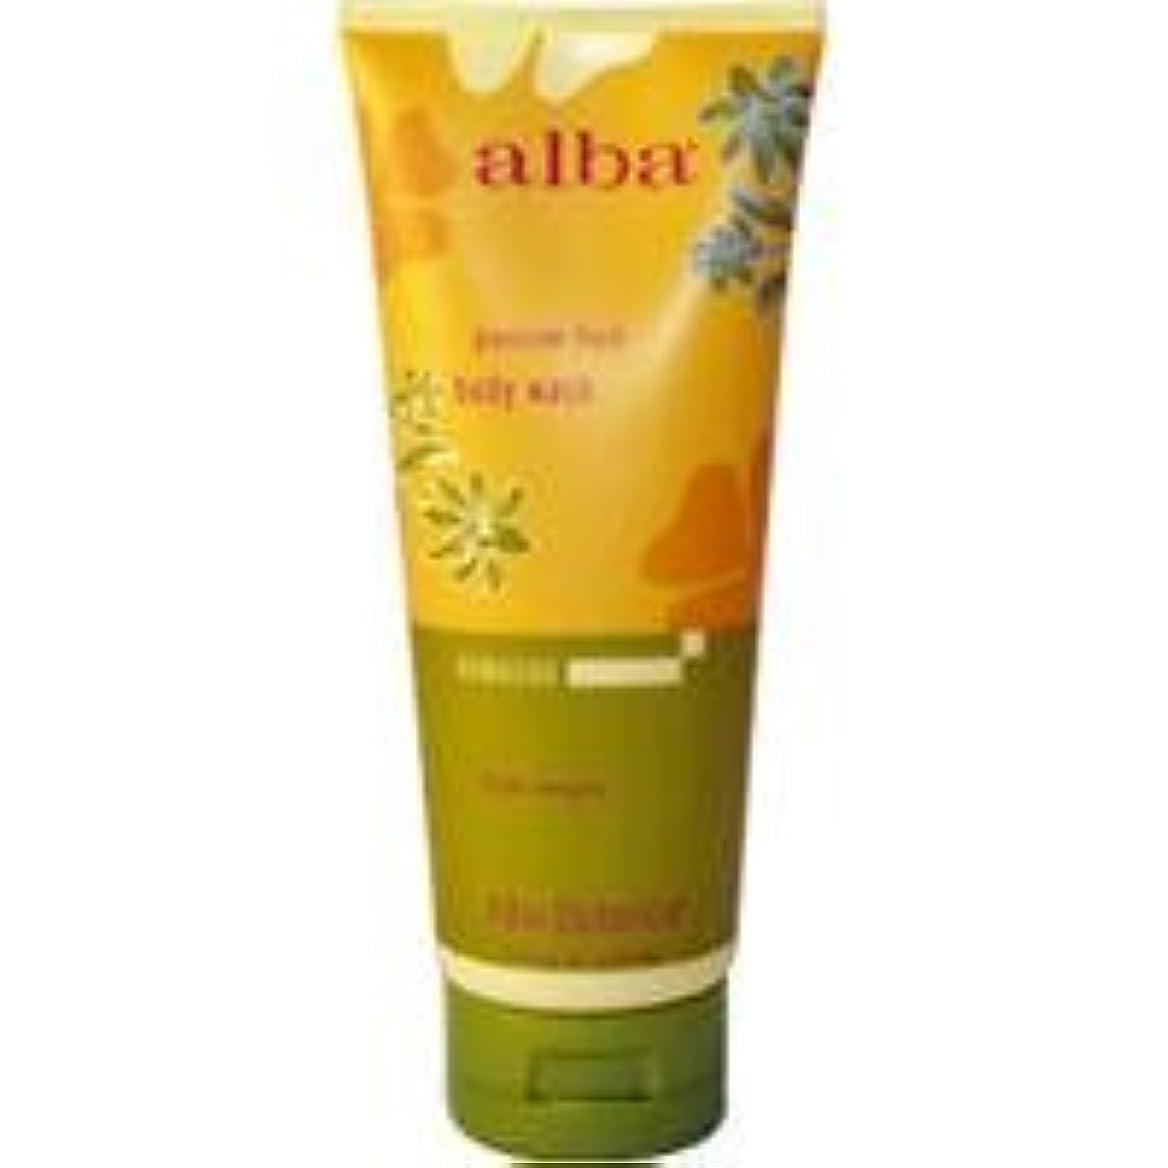 シネマ姿を消す必要条件Alba - Passion Fruit Body Wash - 7 fl oz (200 ml)~ハワイから直送~